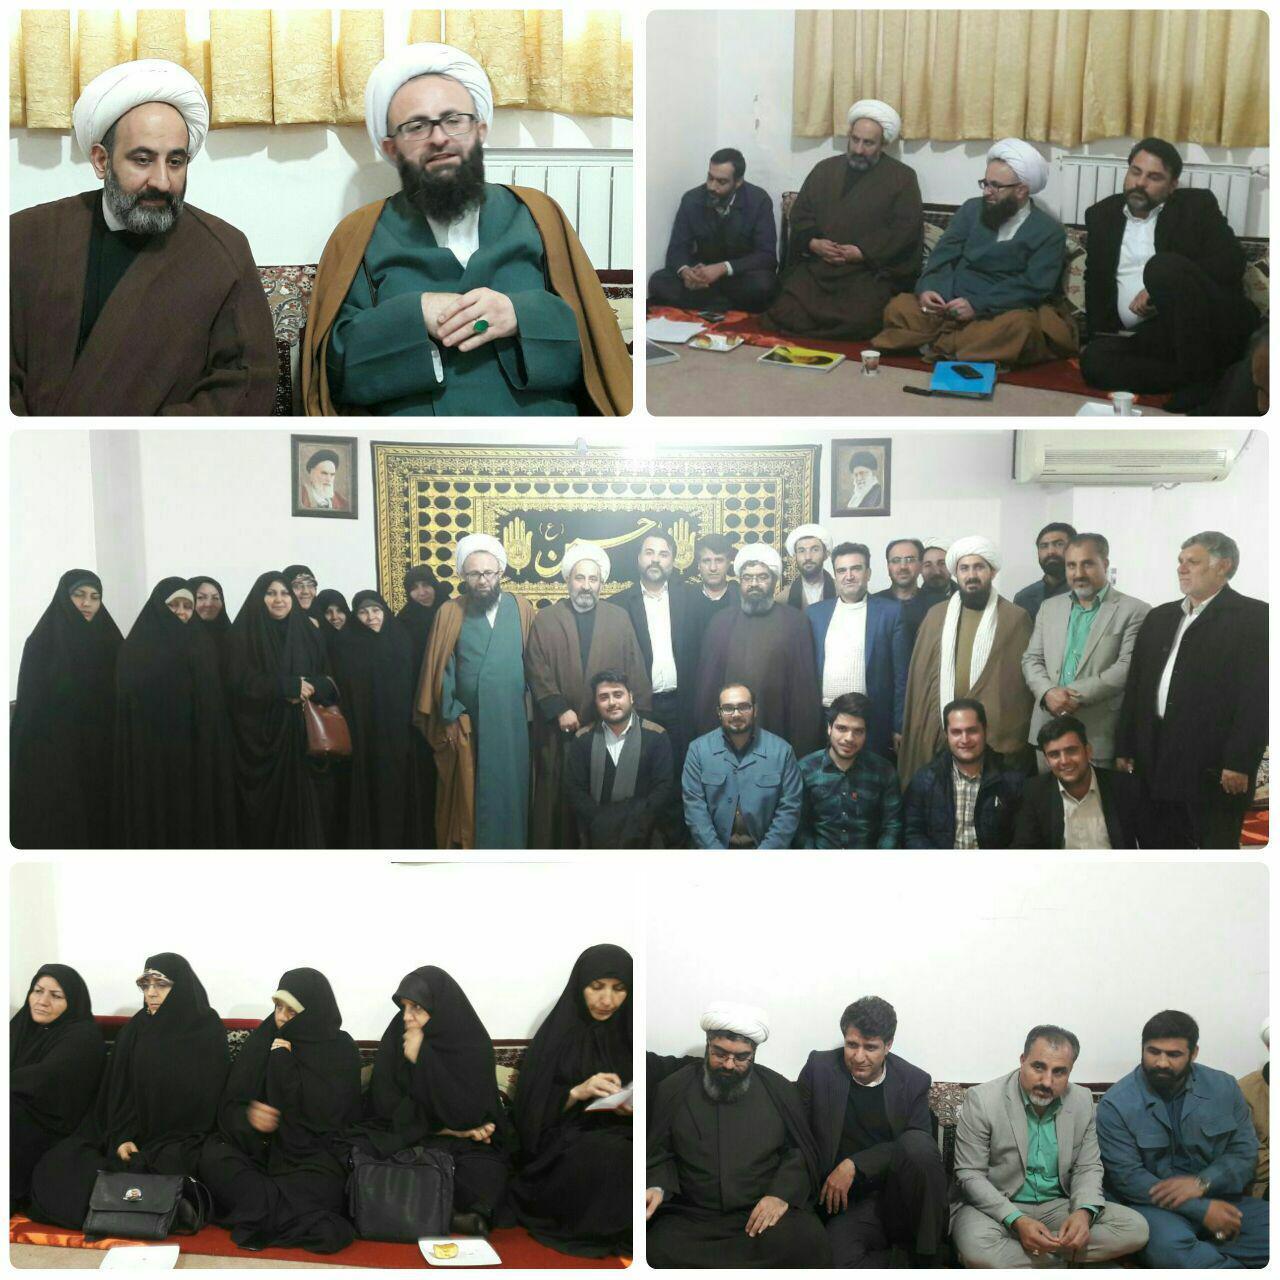 جلسه ستاد نماز جمعه شهر پرند با حضور رئیس دفتر شورای سیاستگذاری ائمه جمعه استان تهران برگزار شد